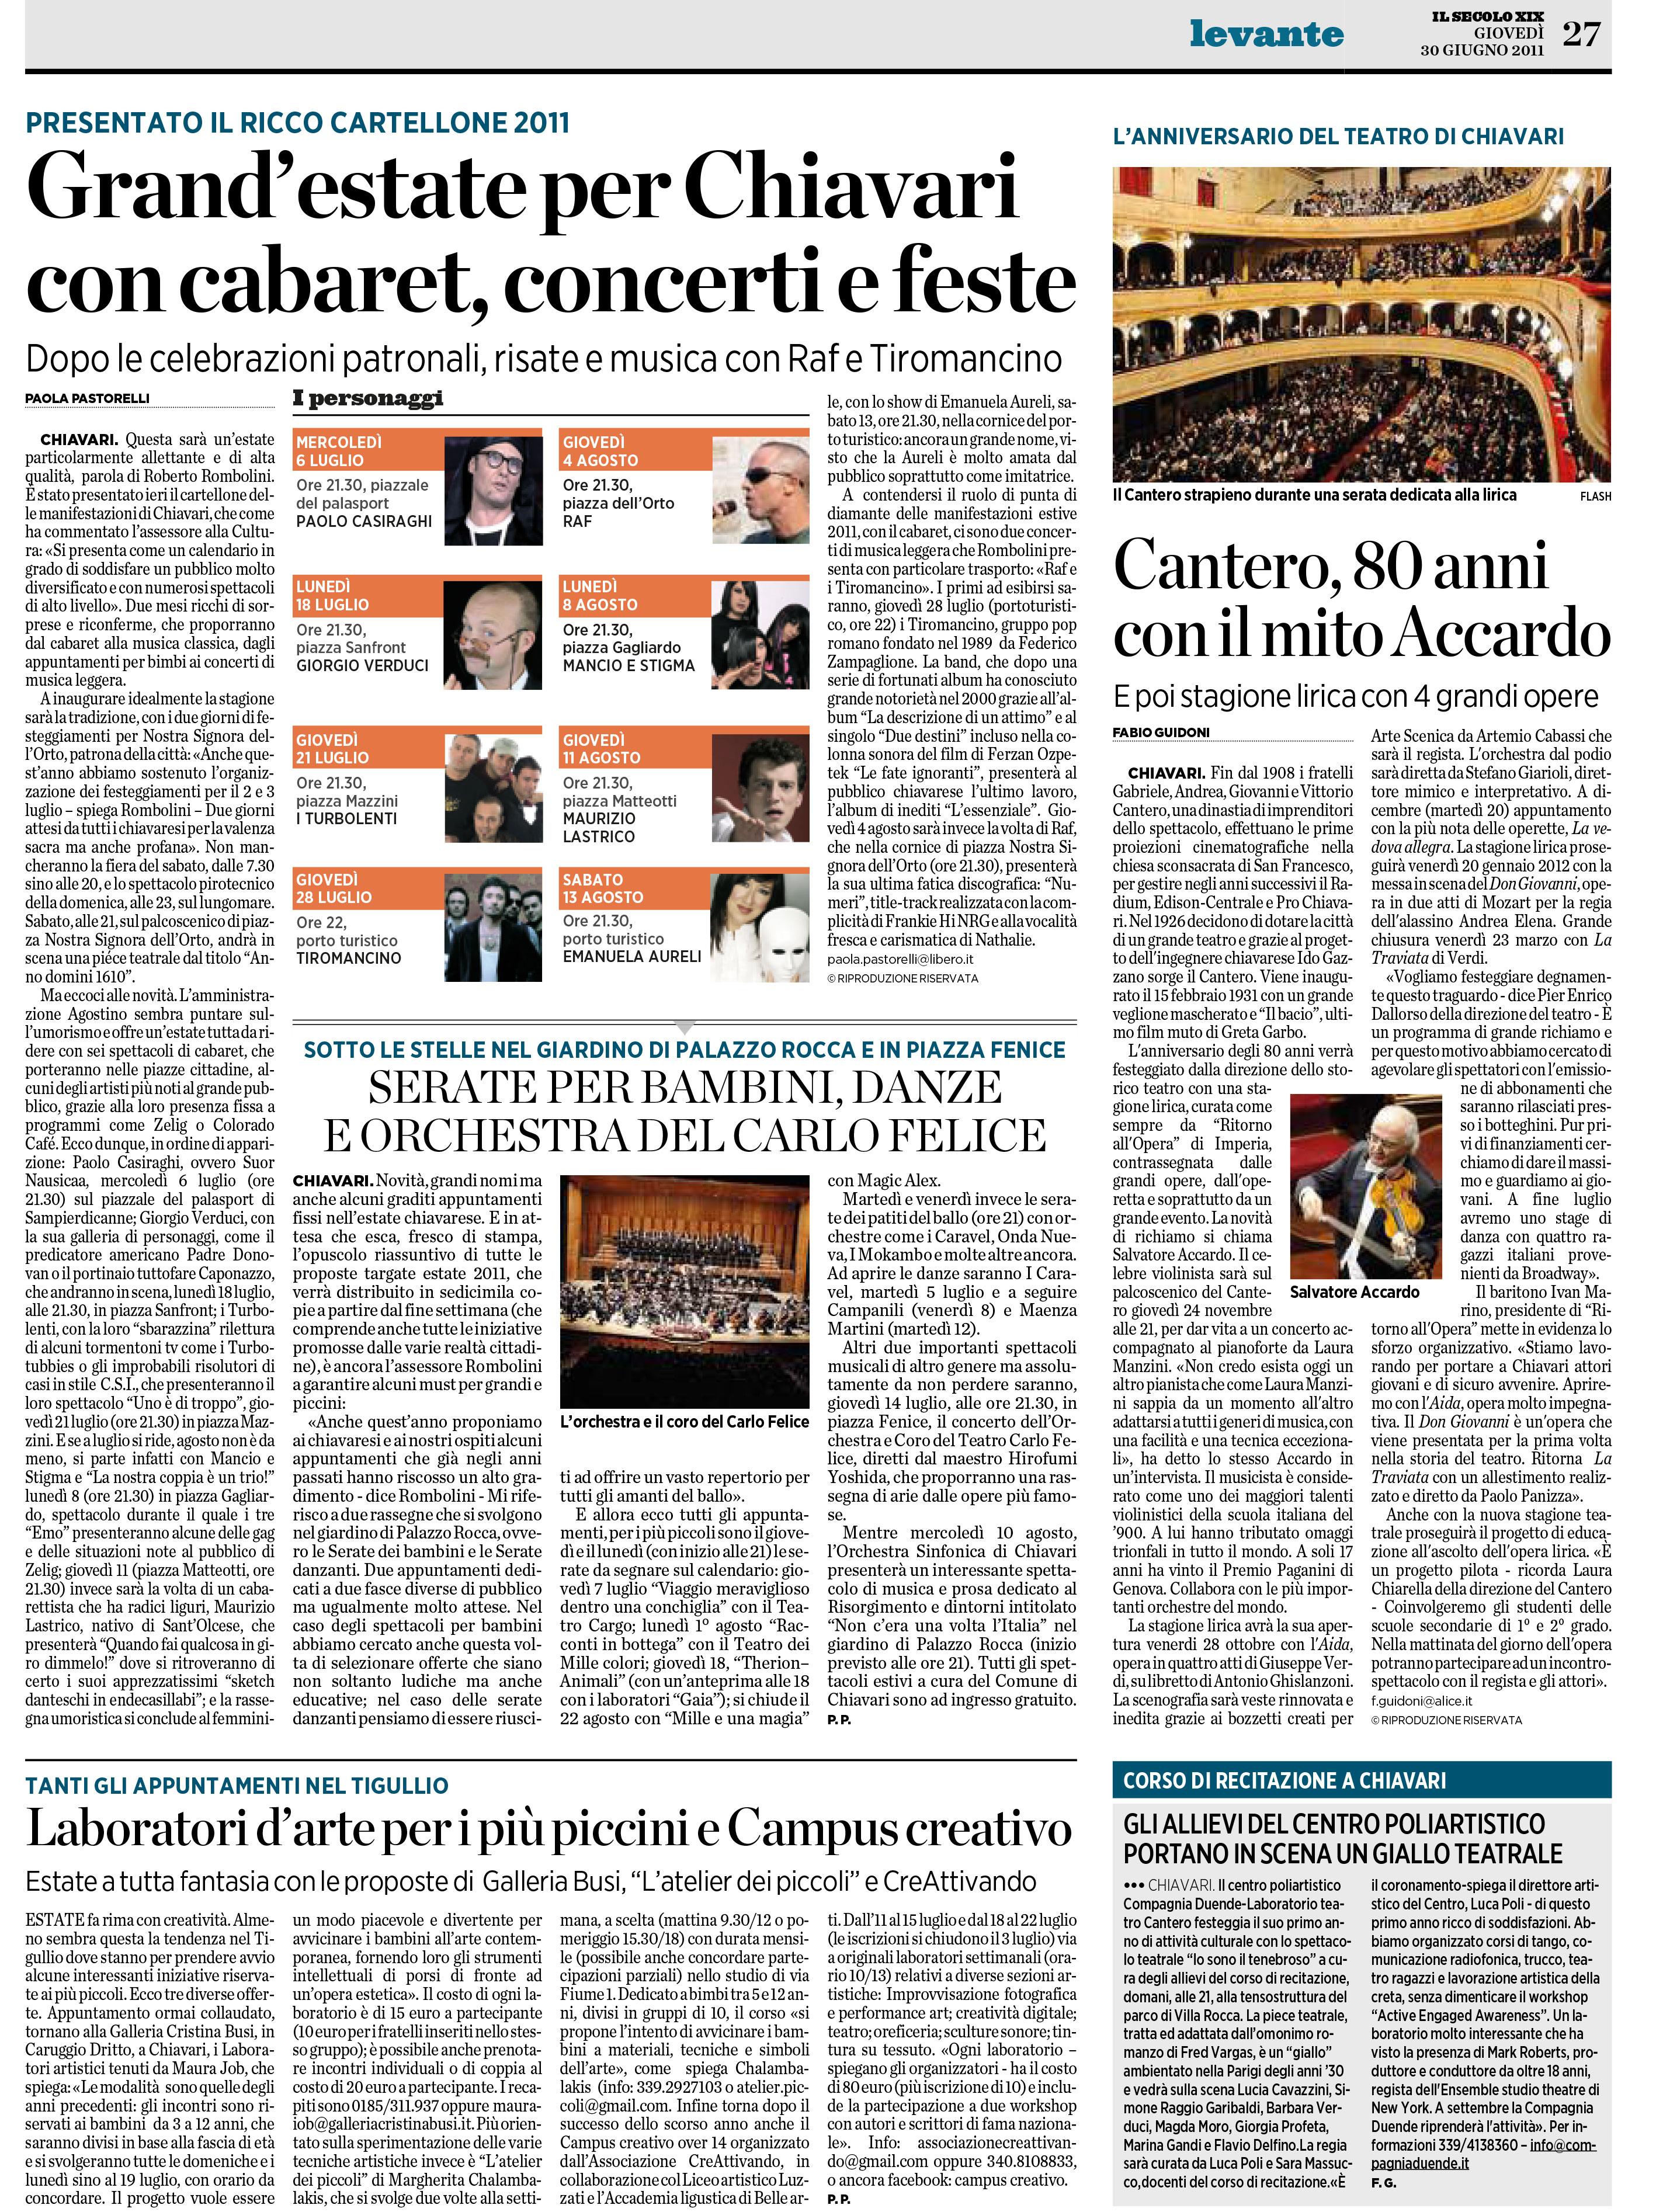 30.06.2011 – IL SECOLO XIX – Stagione Teatro Cantero 2011-12